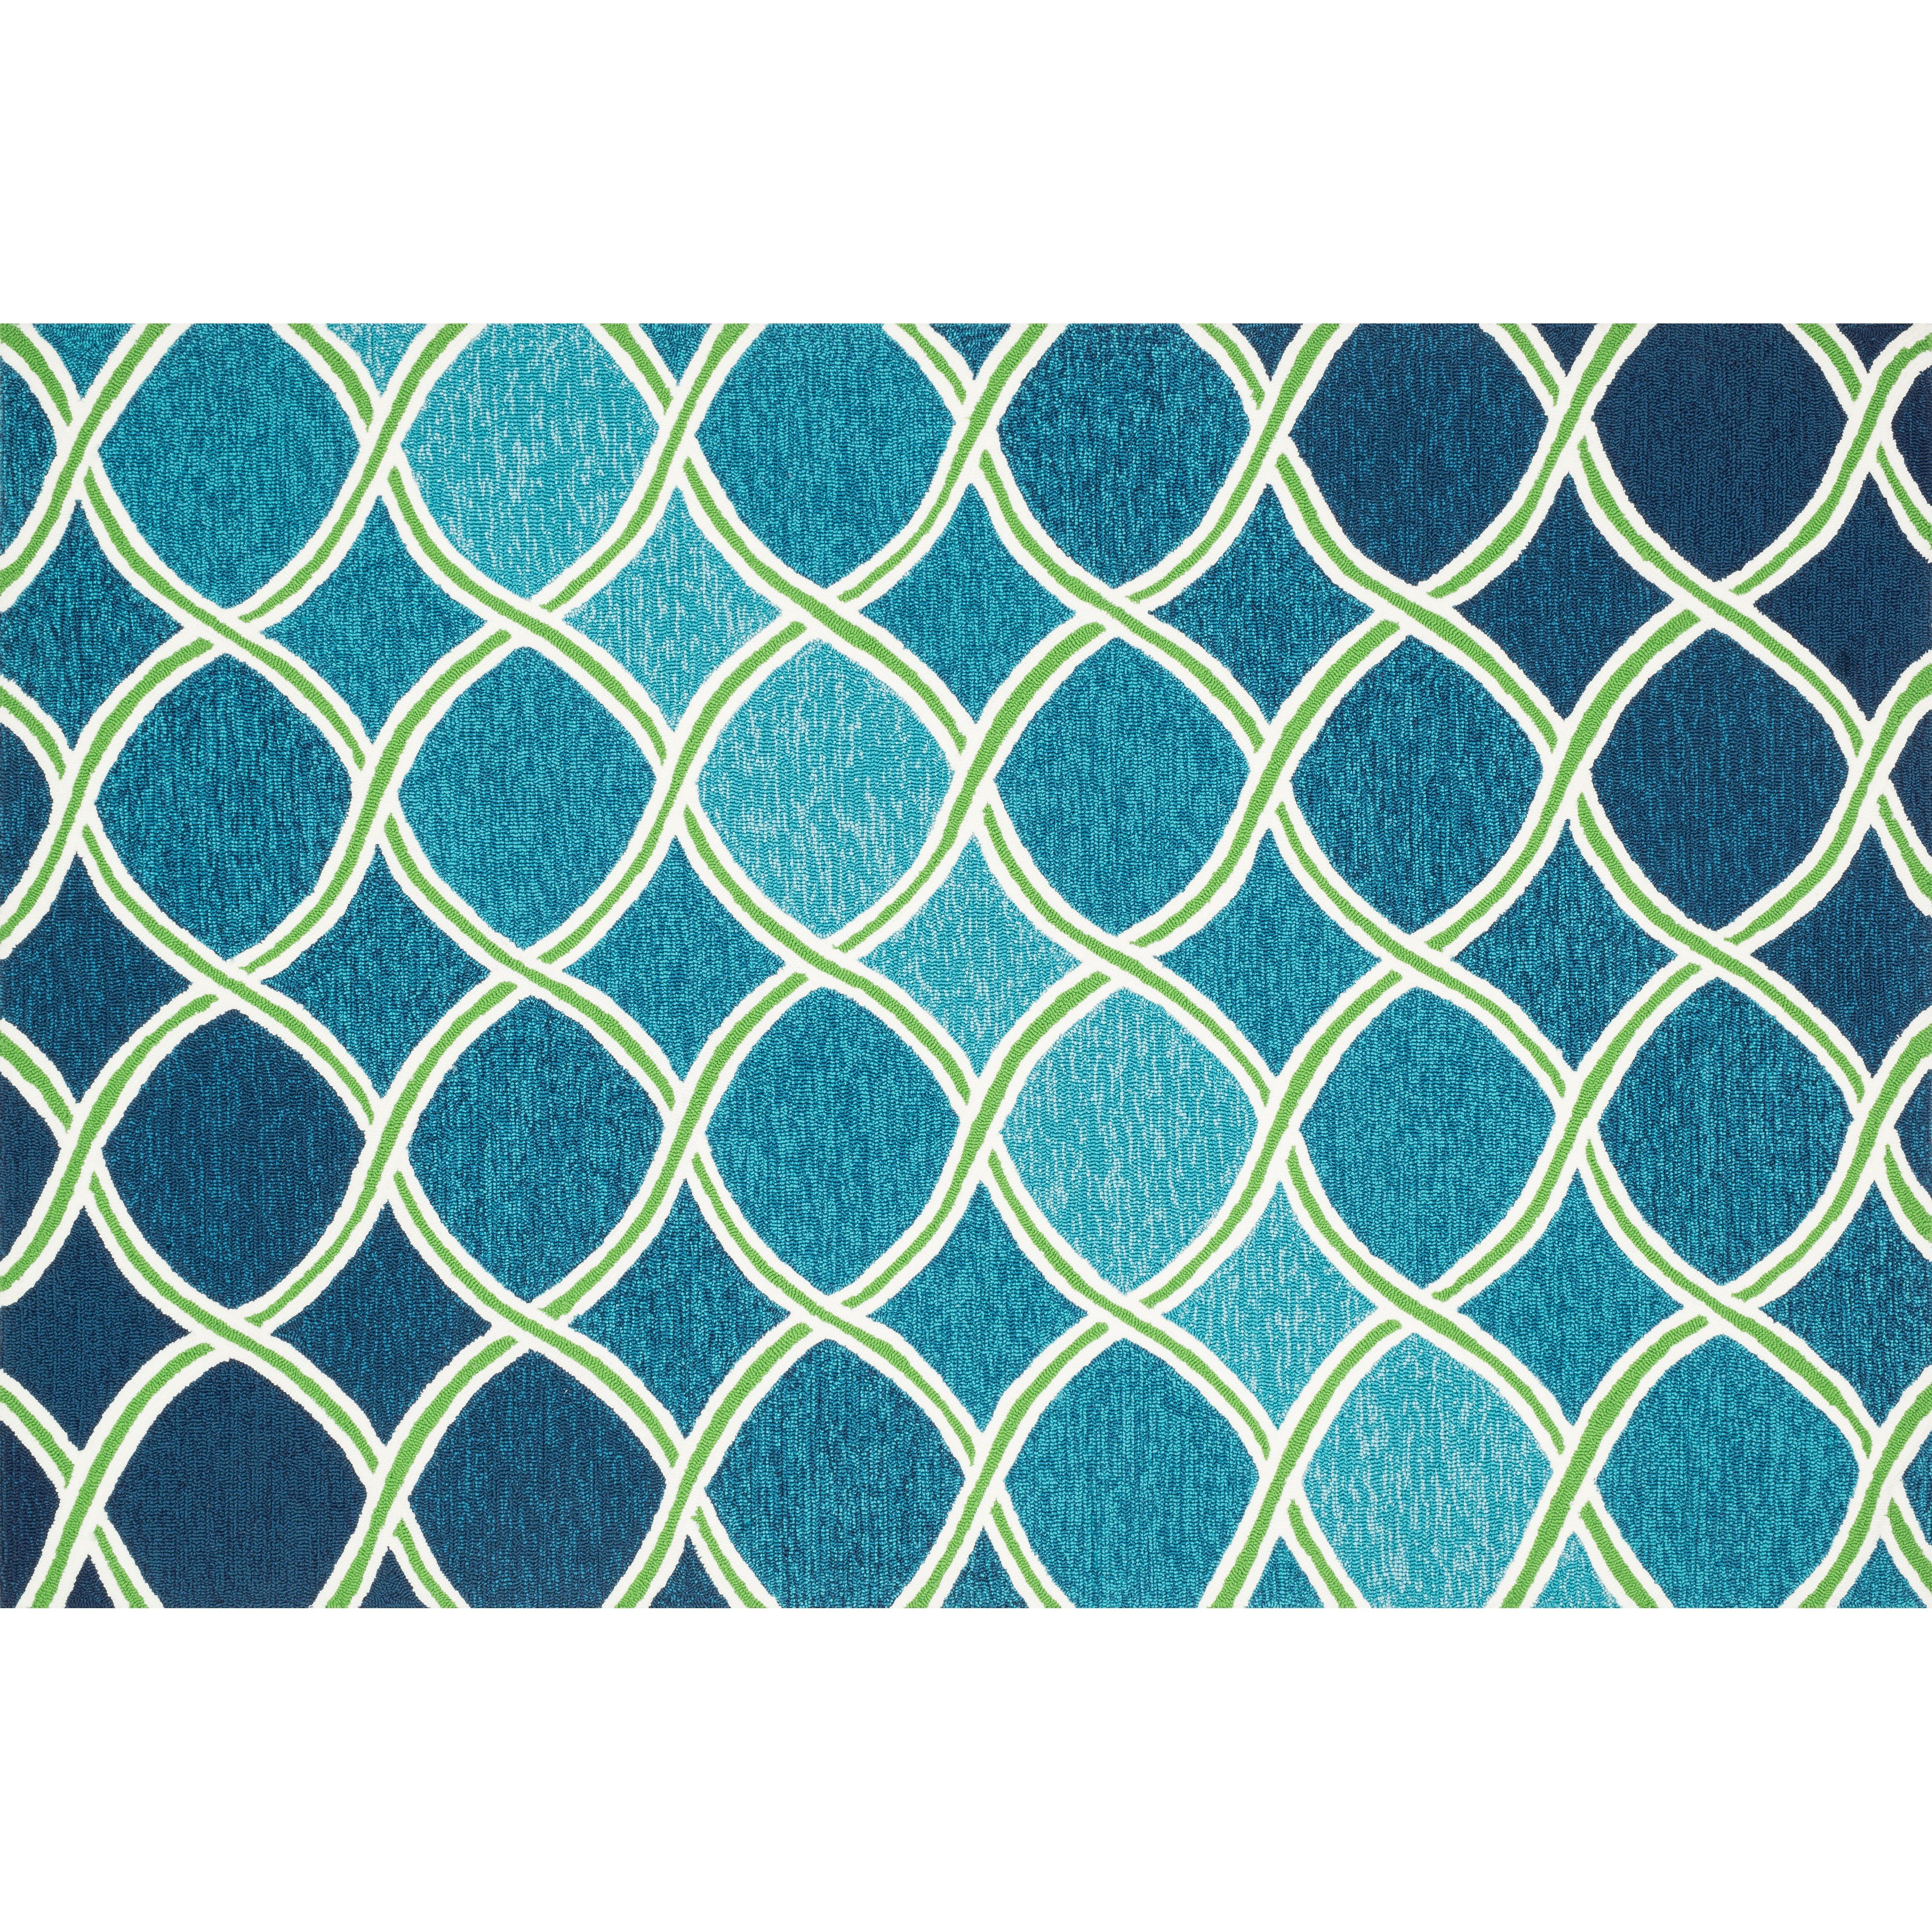 Loloi Rugs Venice Beach Blue/Green Rug & Reviews